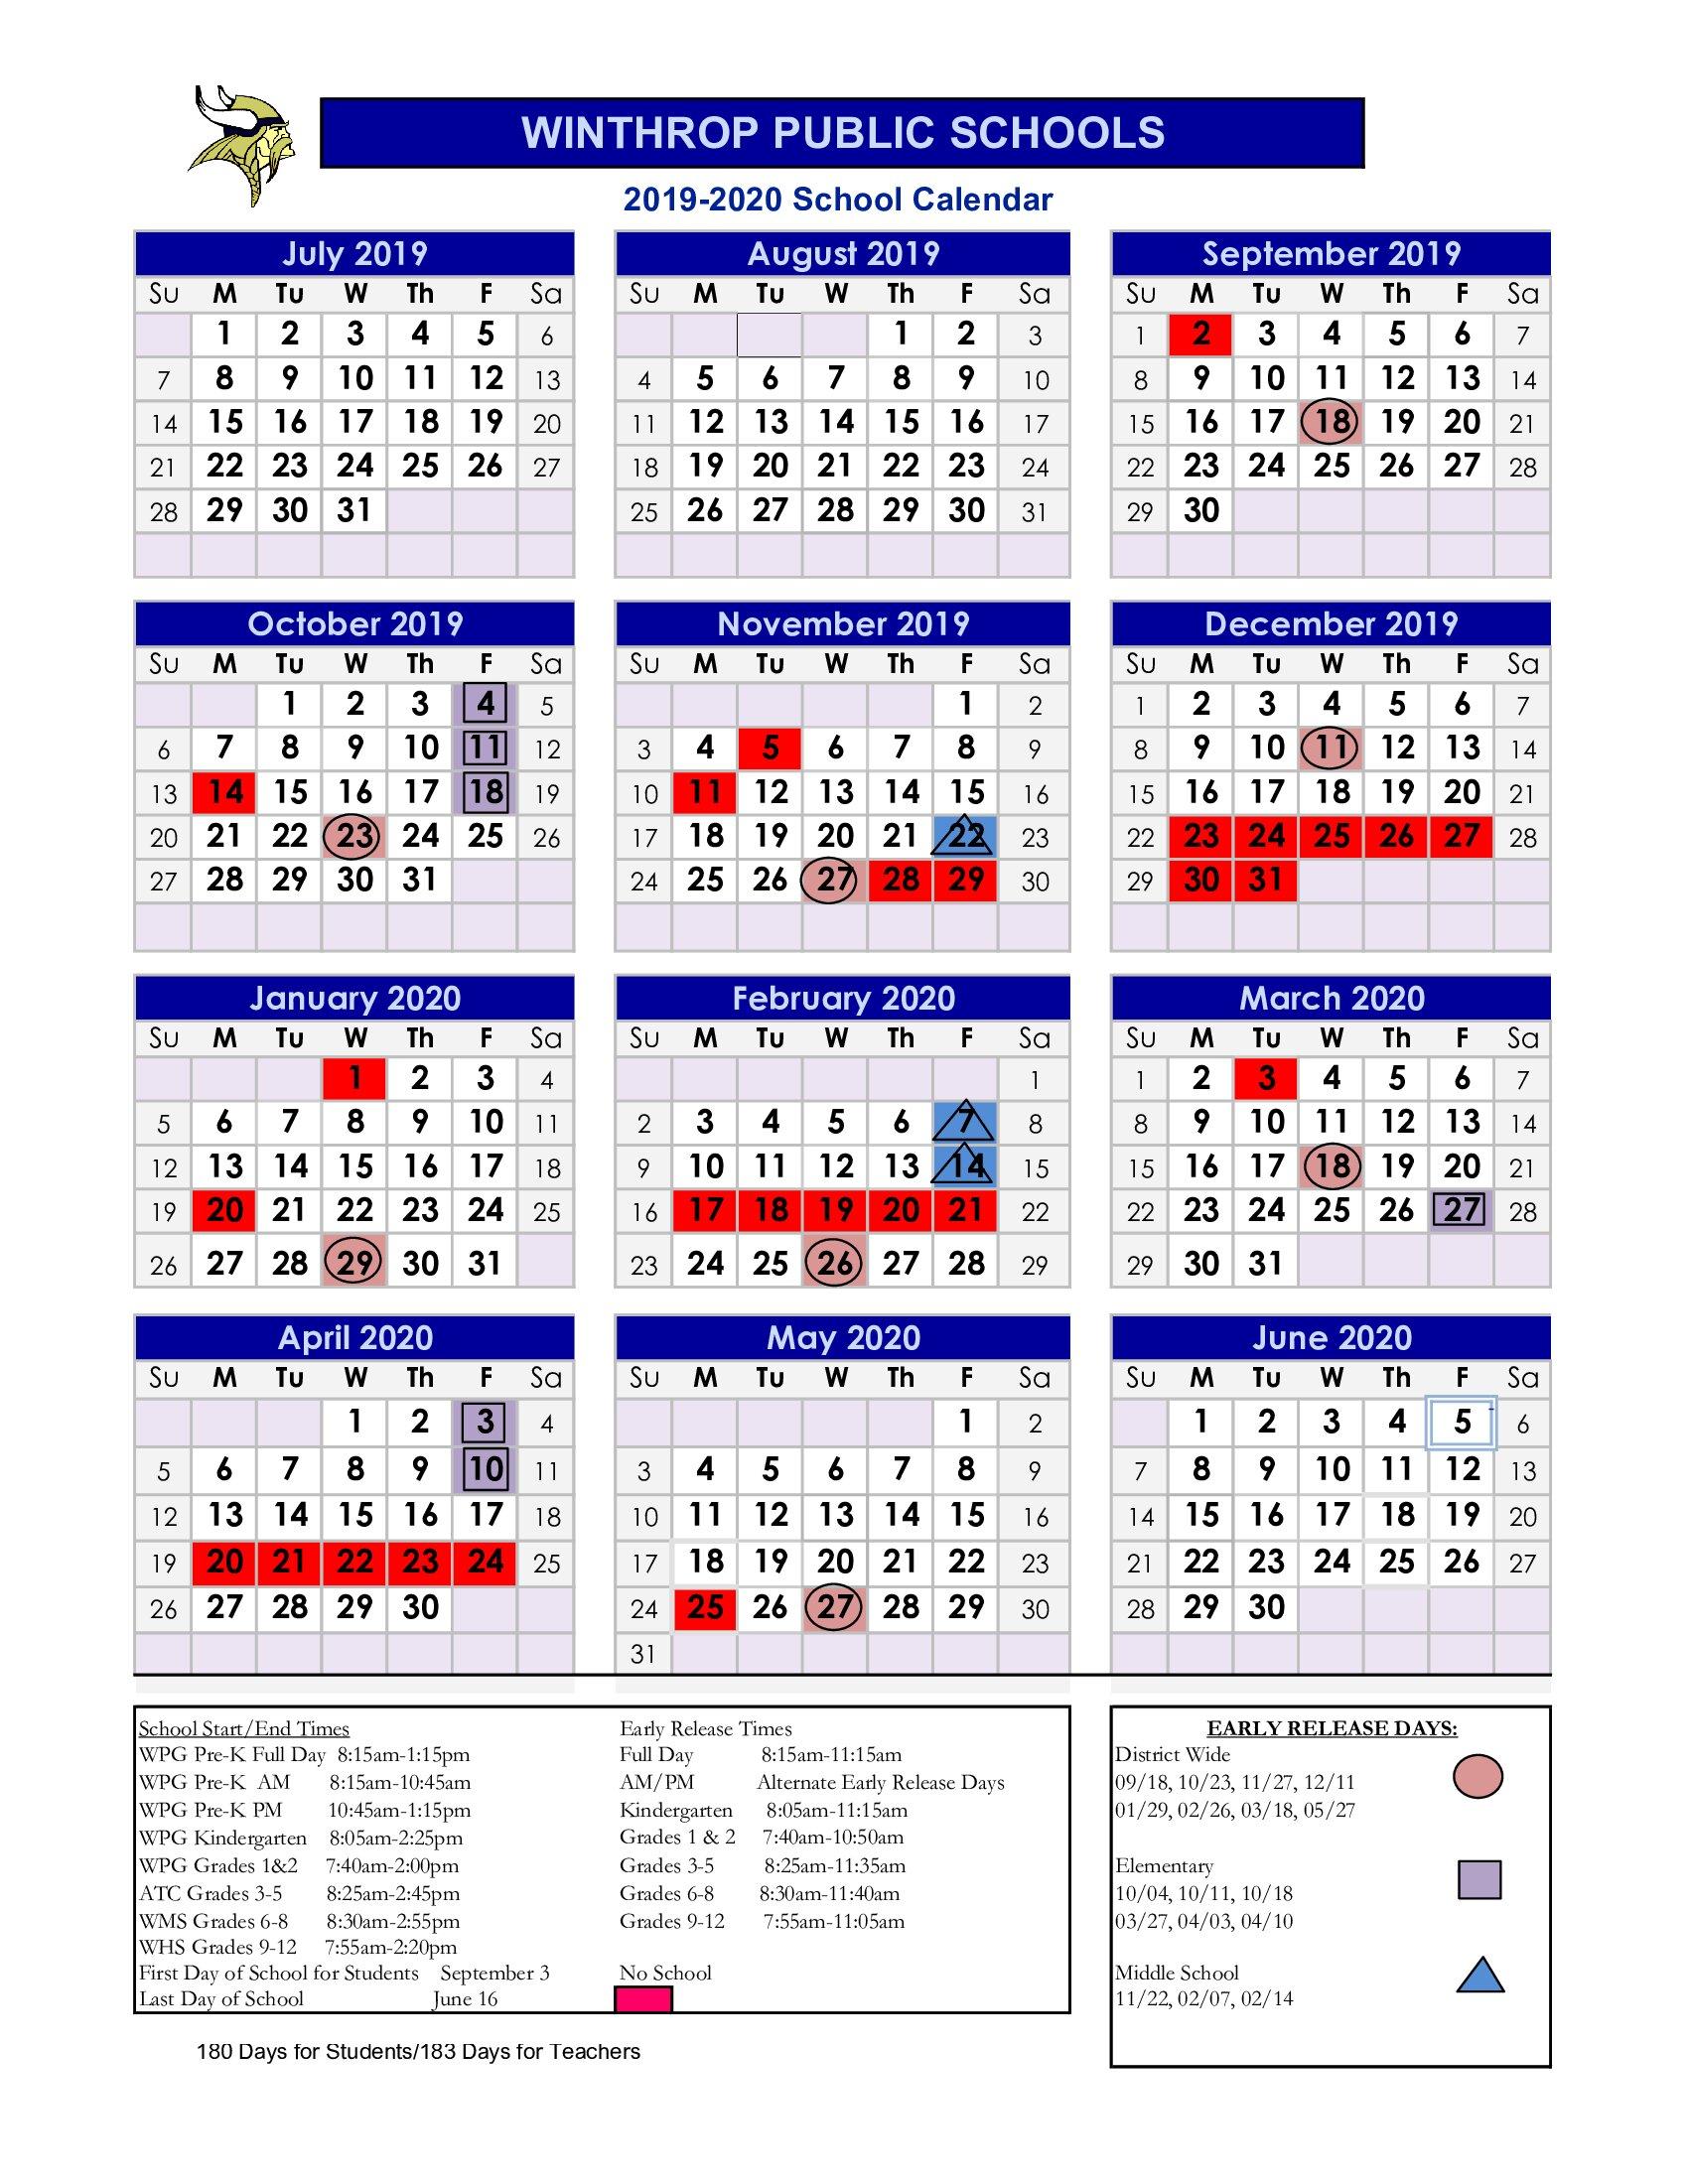 February 2020 Calendar Winthrop Massachusetts 2019   2020 School Calendar / calendario /calendário / التقويم المدرسي